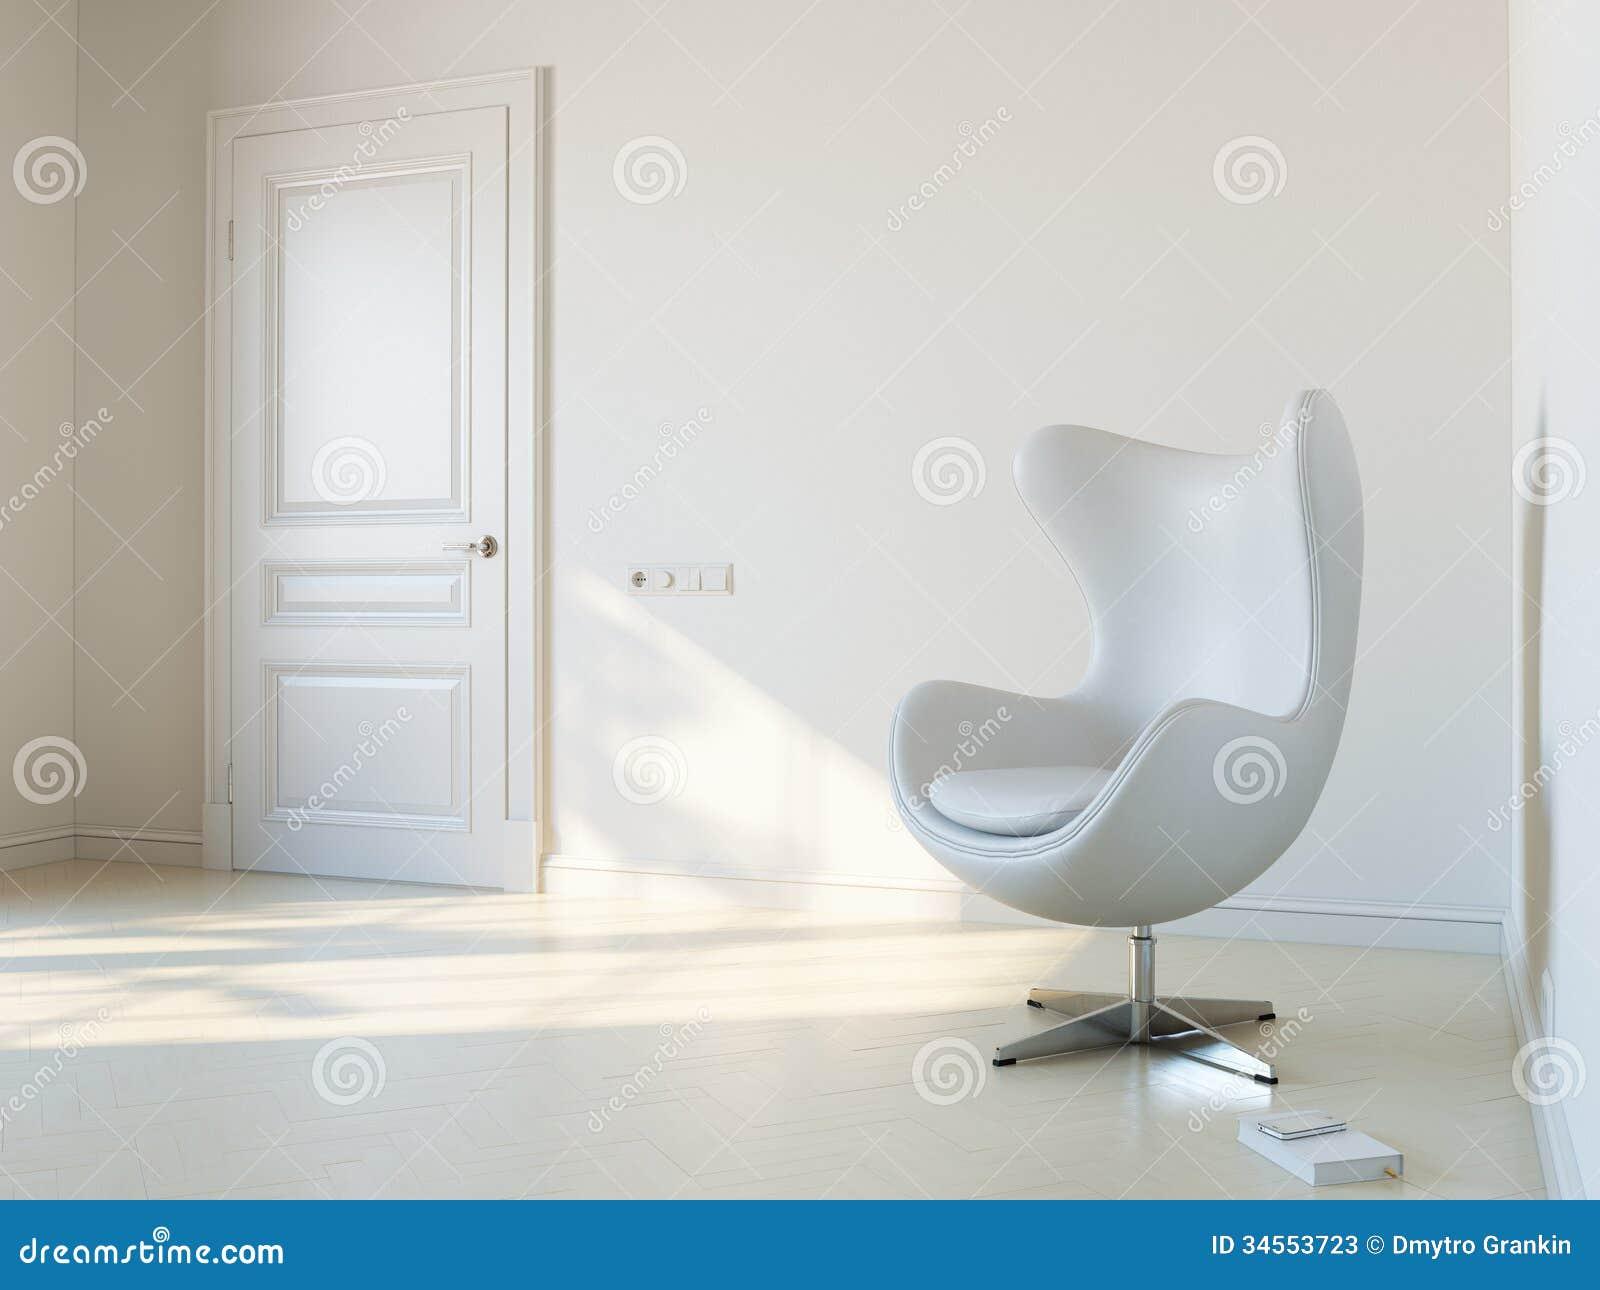 Minimalistyczny Biały Wewnętrzny pokój Z Luksusowego karła 2d wersją